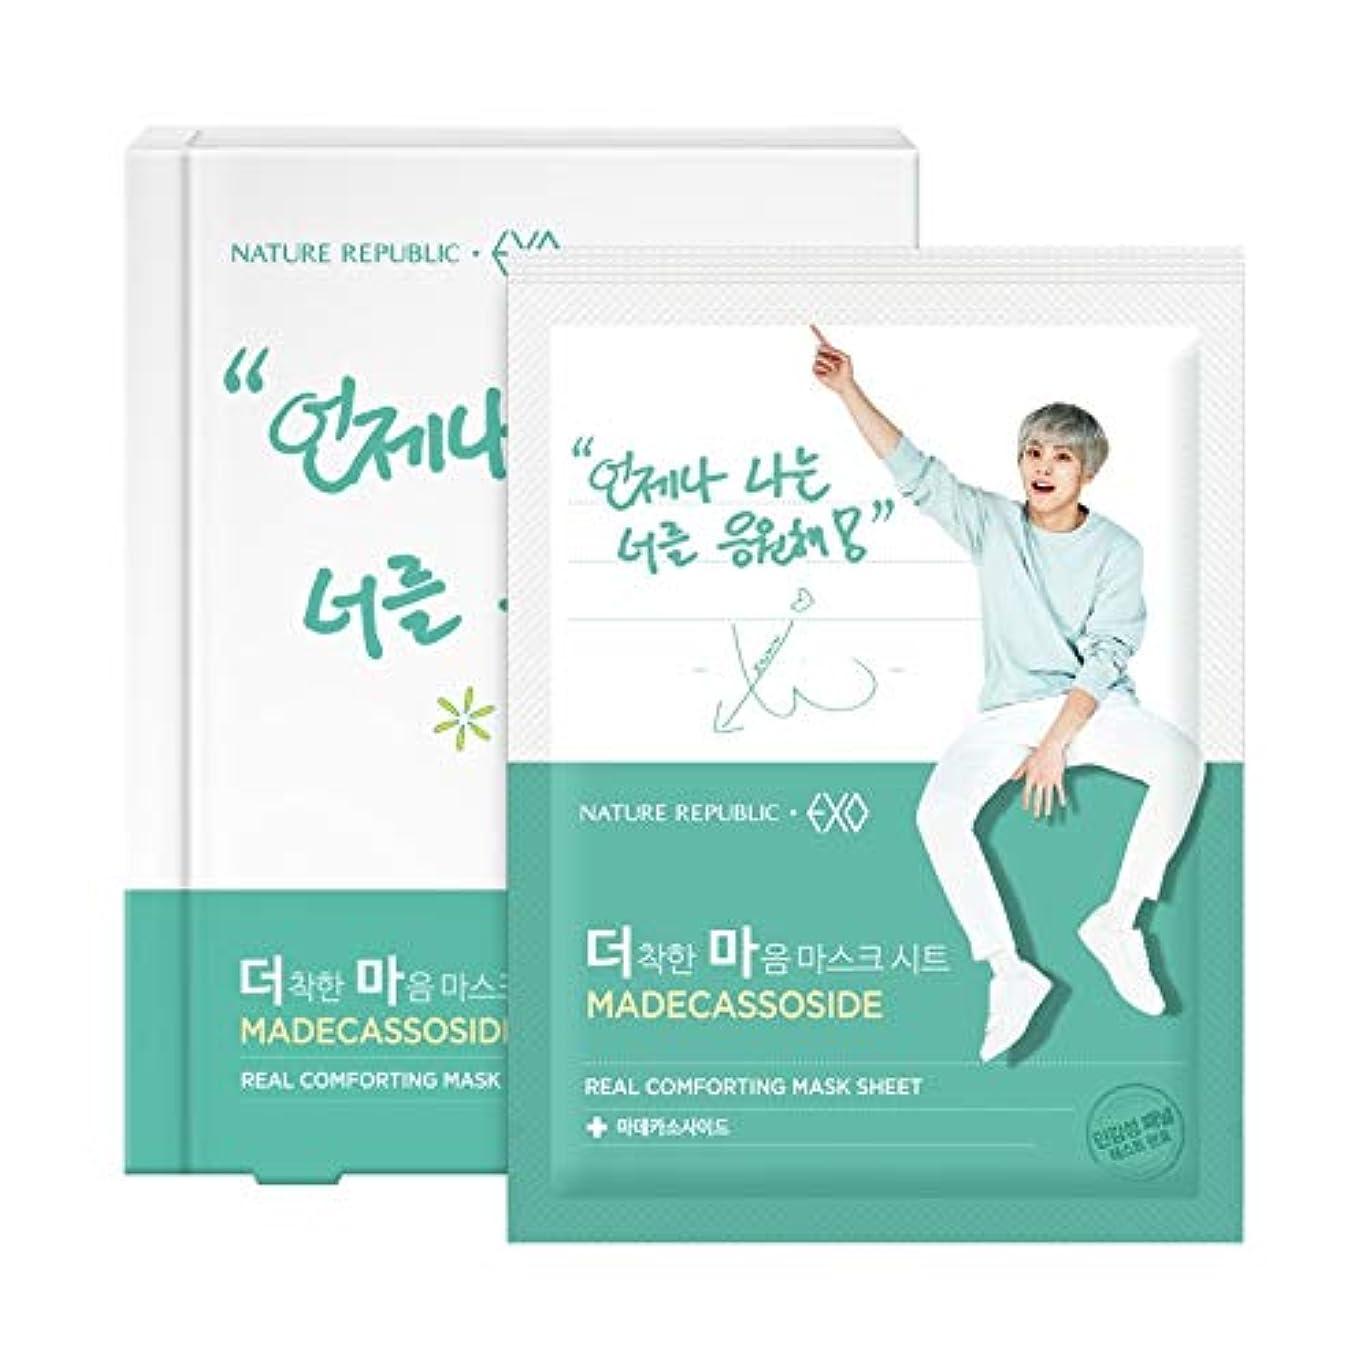 広く可動社会主義者ネイチャーリパブリック(Nature Republic)[Exo Edition]より優しい心マスクシート(シウミン) (マデイラサンティ?サイド) 24g*5 / [Exo Edition] More good heart mask sheet Madera CASO side (Xiu Min) 24g * 5 :: 韓国コスメ [並行輸入品]